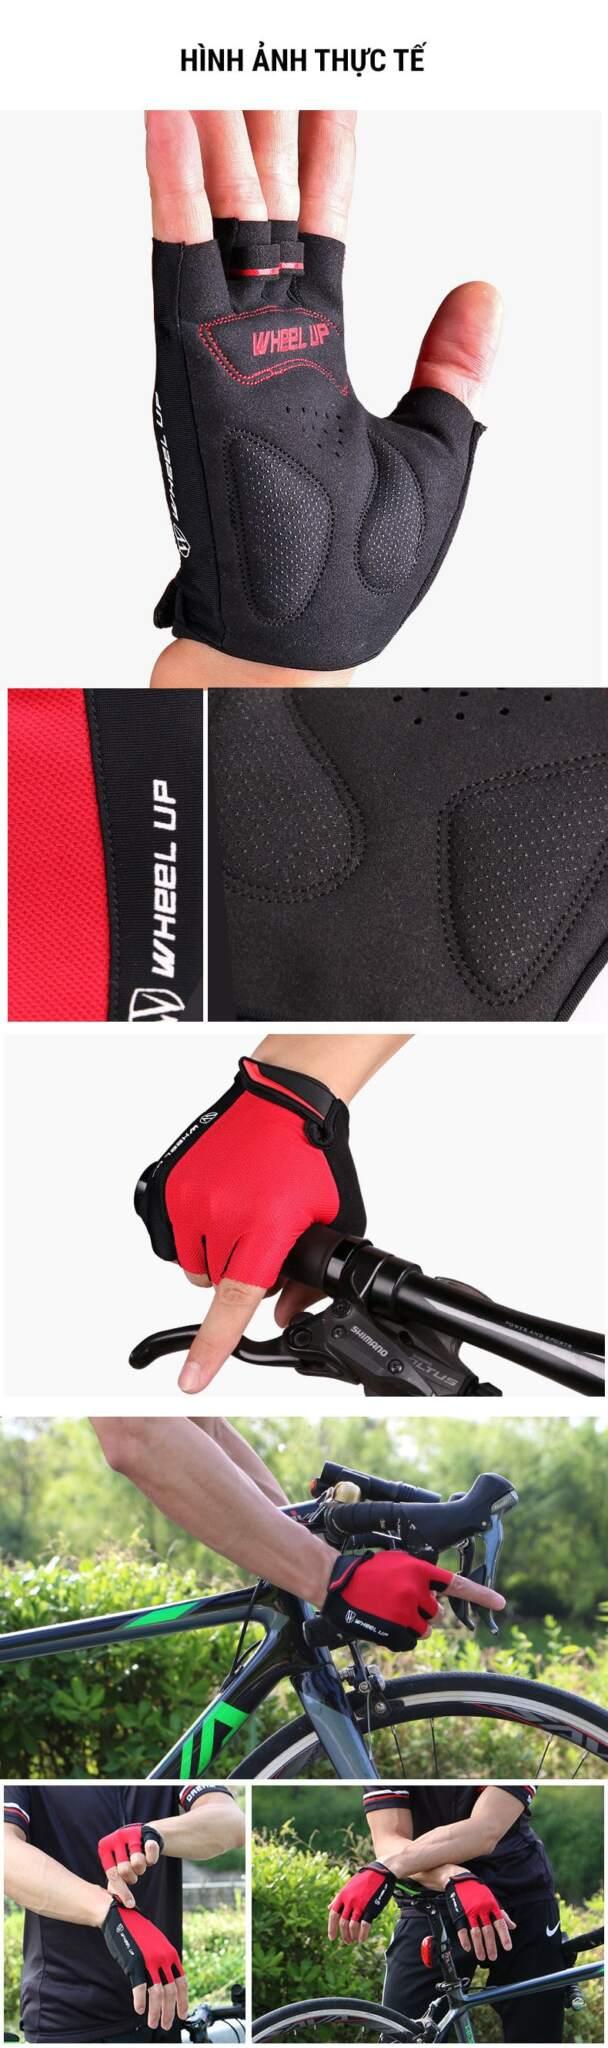 Găng tay xe đạp Wheel Up chống sốc GL-02